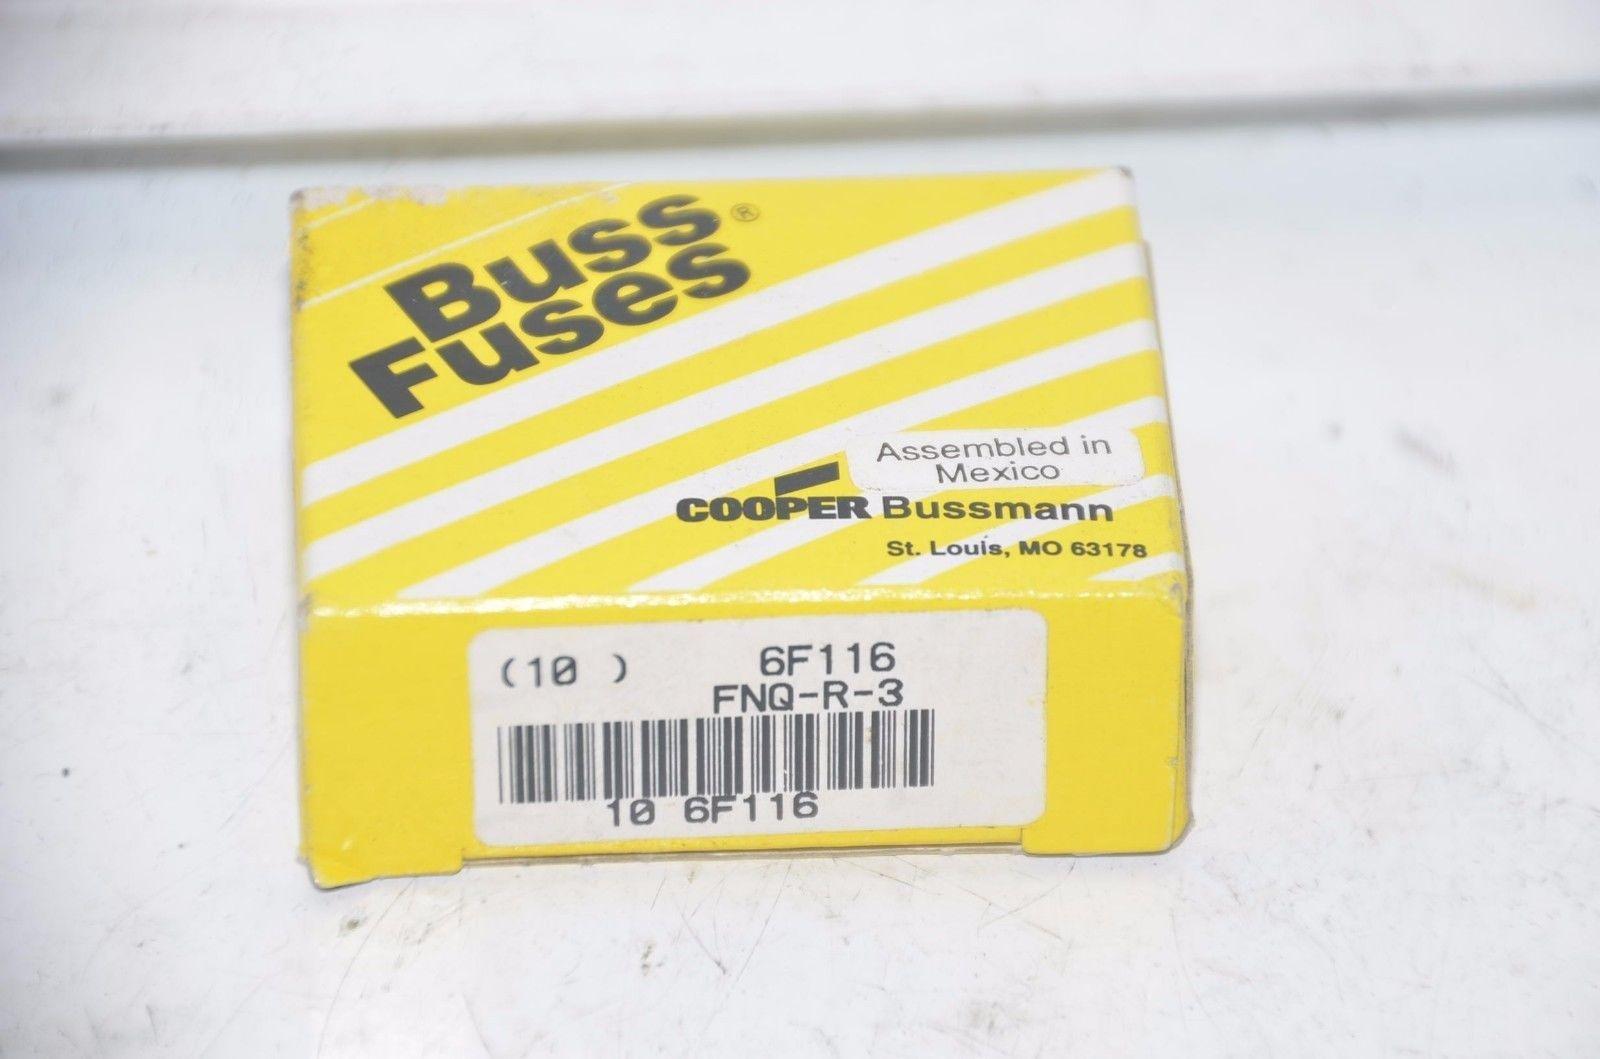 Bussmann FNQ-R-3 CC-Tron FNQR3 Fuse Cooper (Pack of 10) by Bussmann